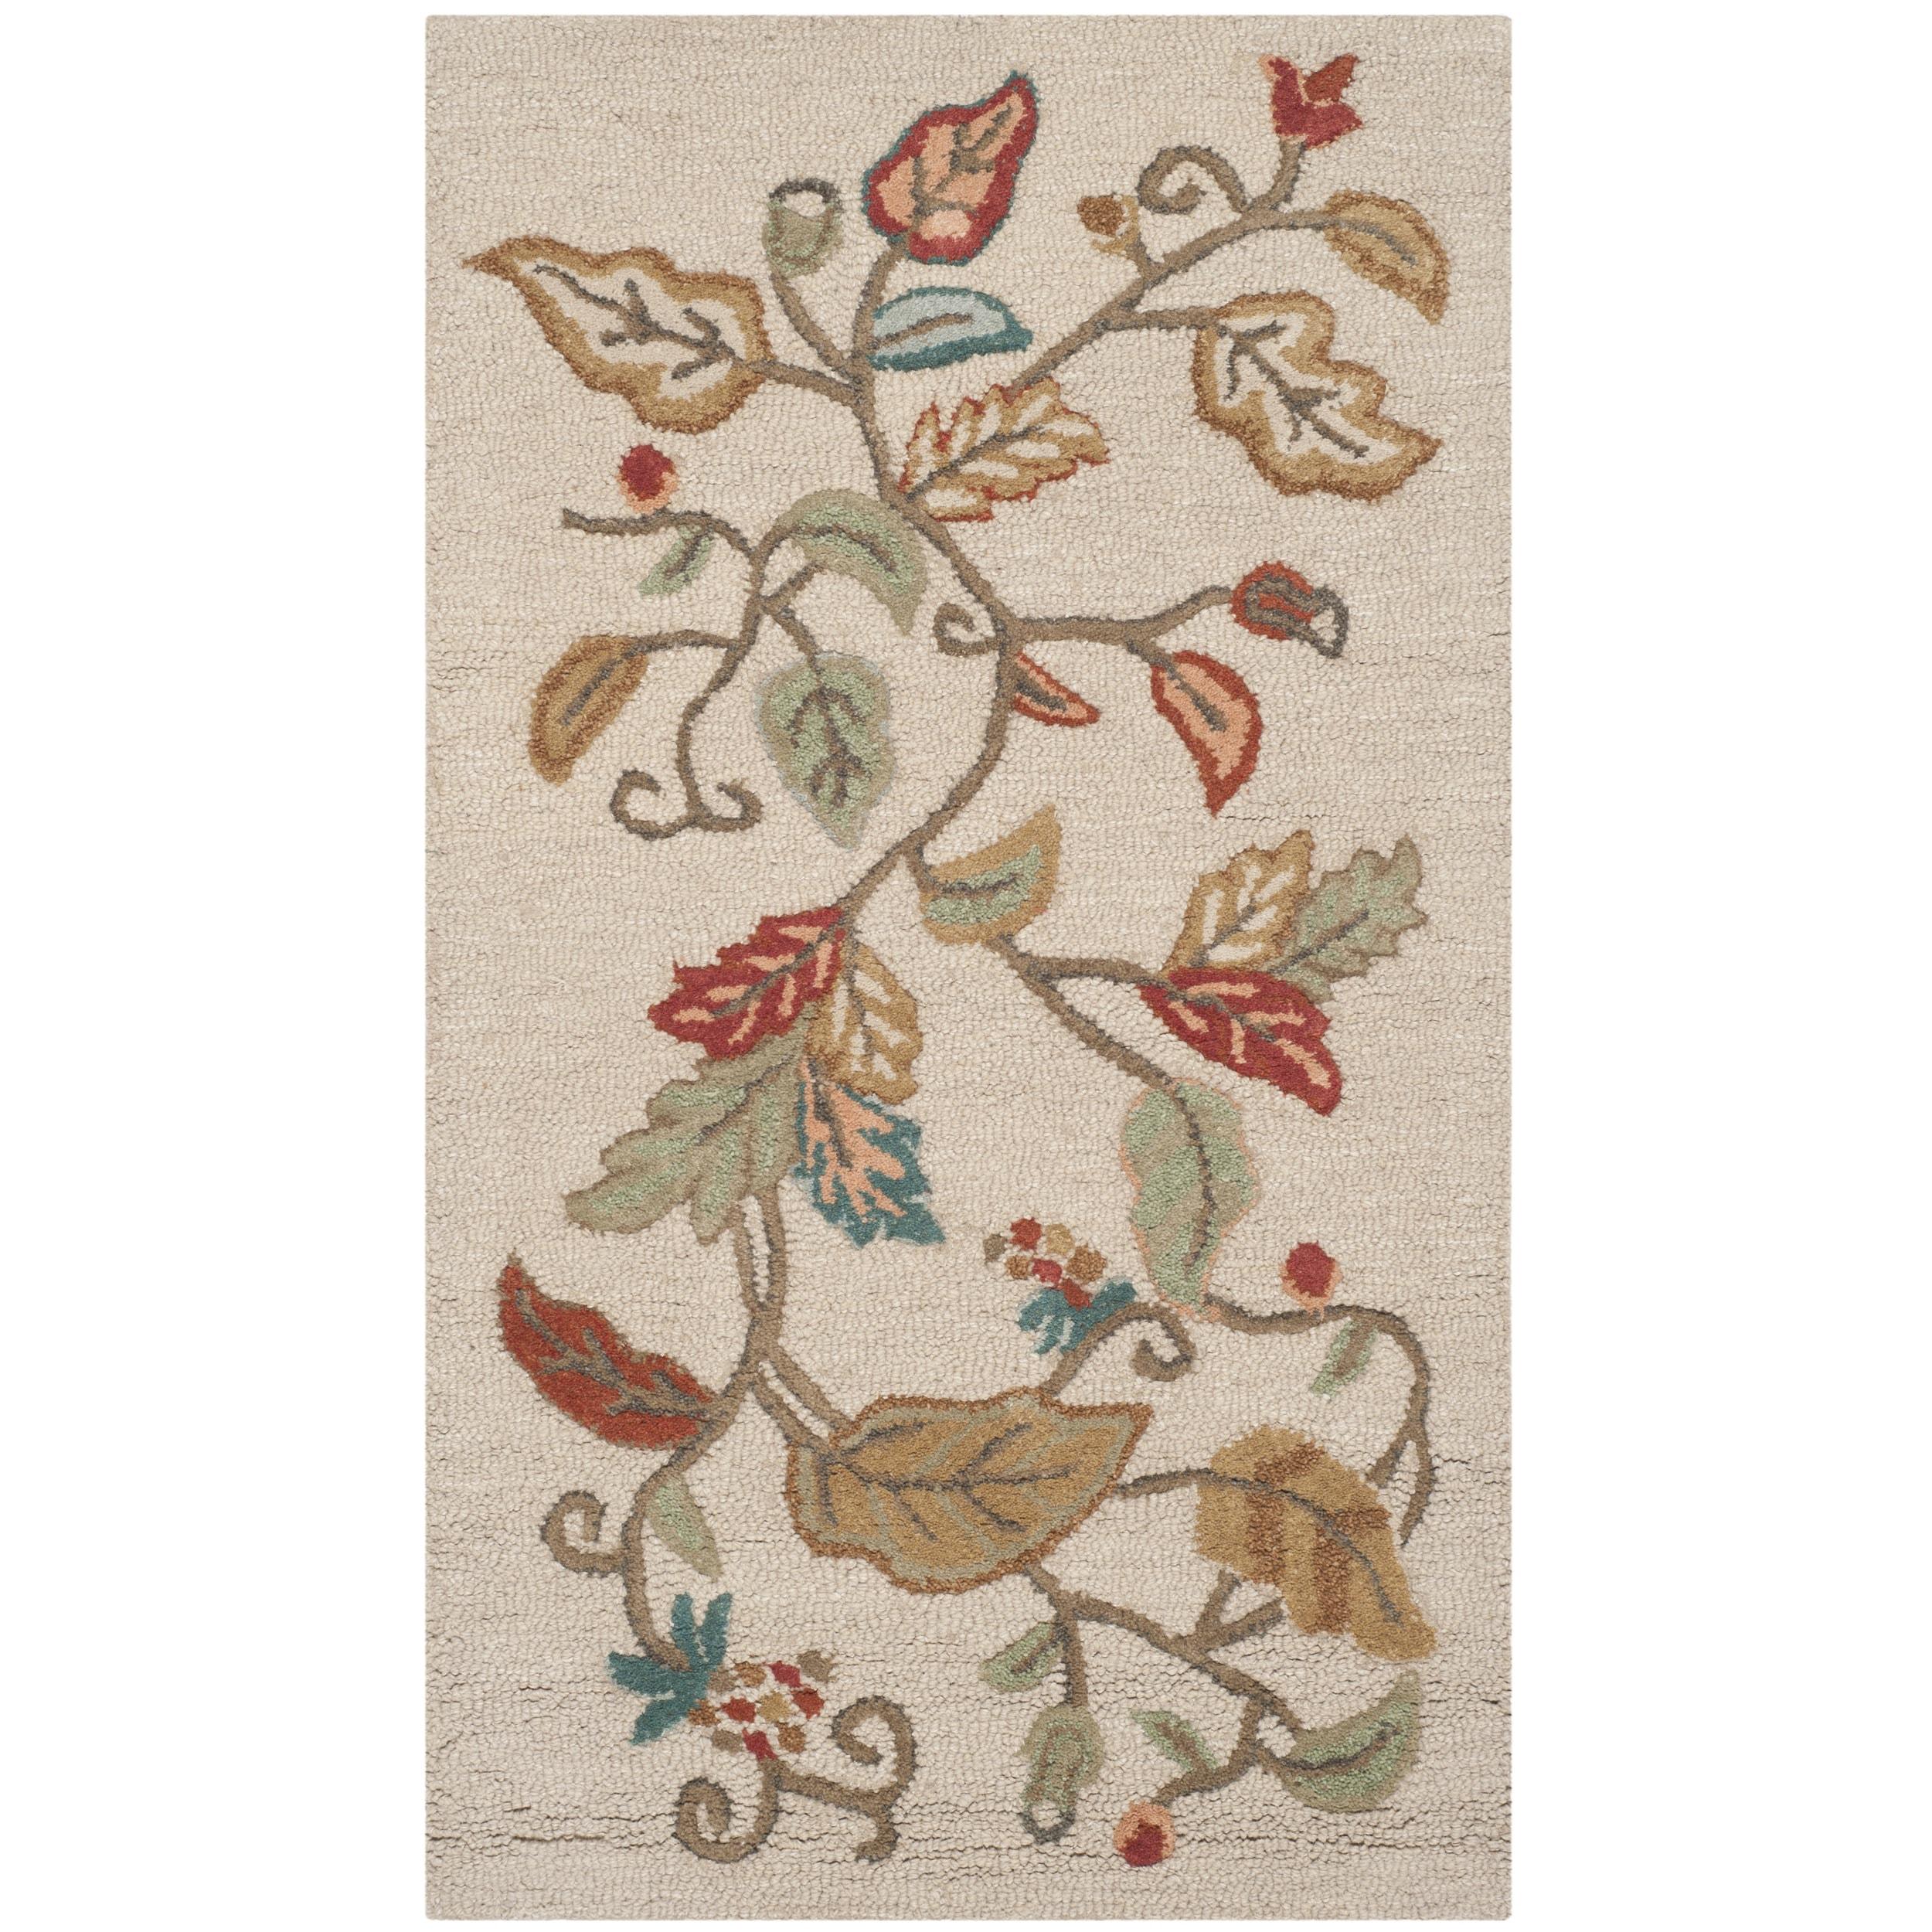 Martha Stewart Autumn Woods Persimmon Red Wool/ Viscose Rug (2'6 x 4'3)